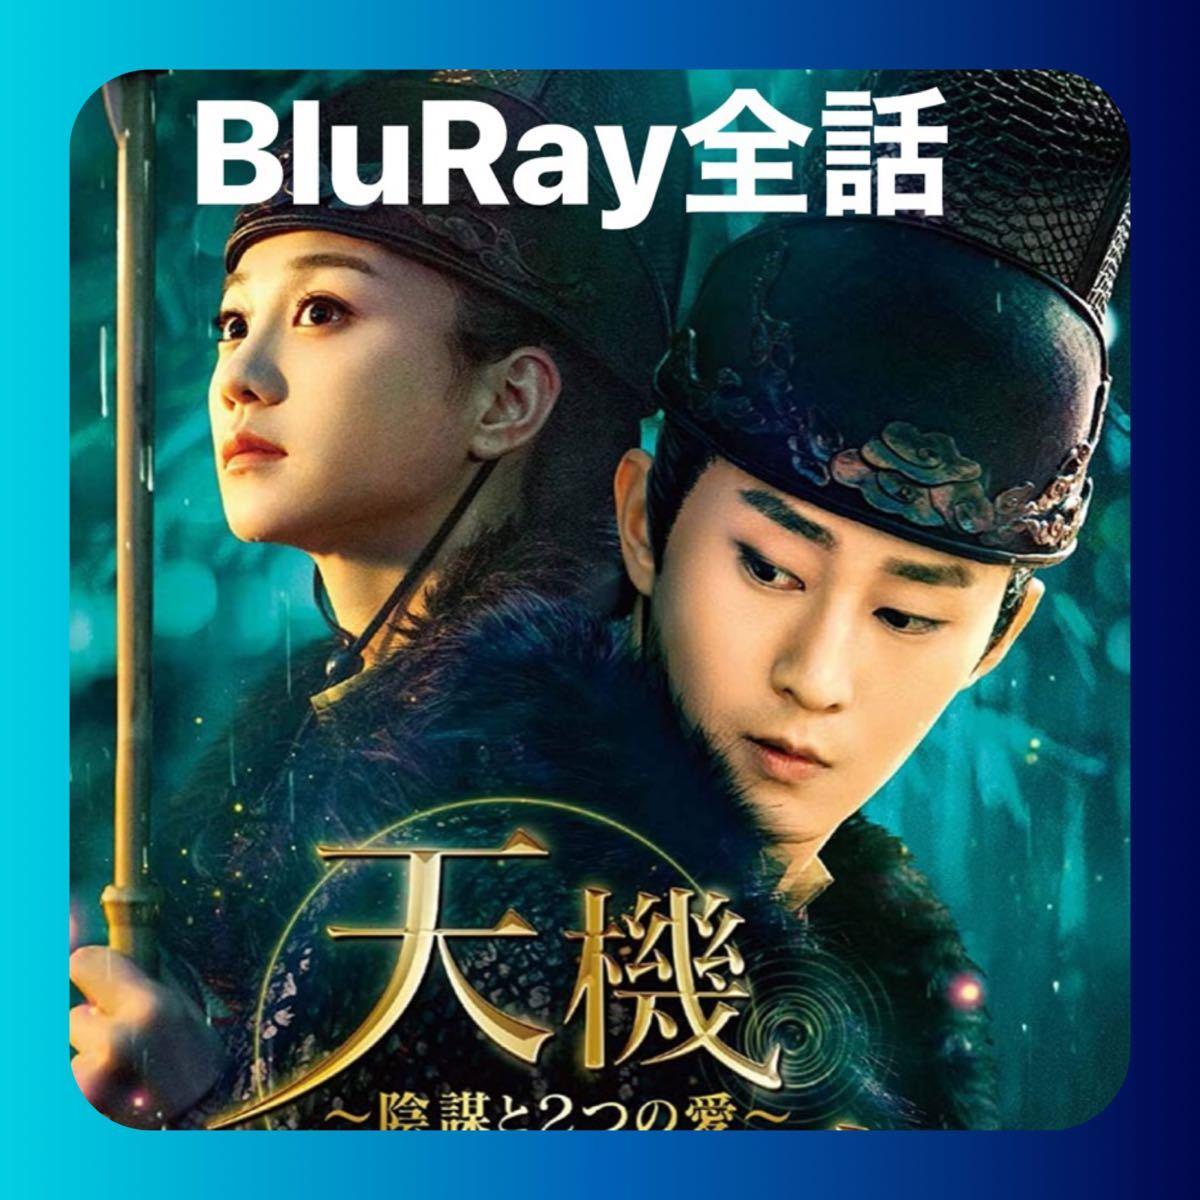 中国ドラマ 天機十二宮-陰謀と2つの愛-  BluRay全話